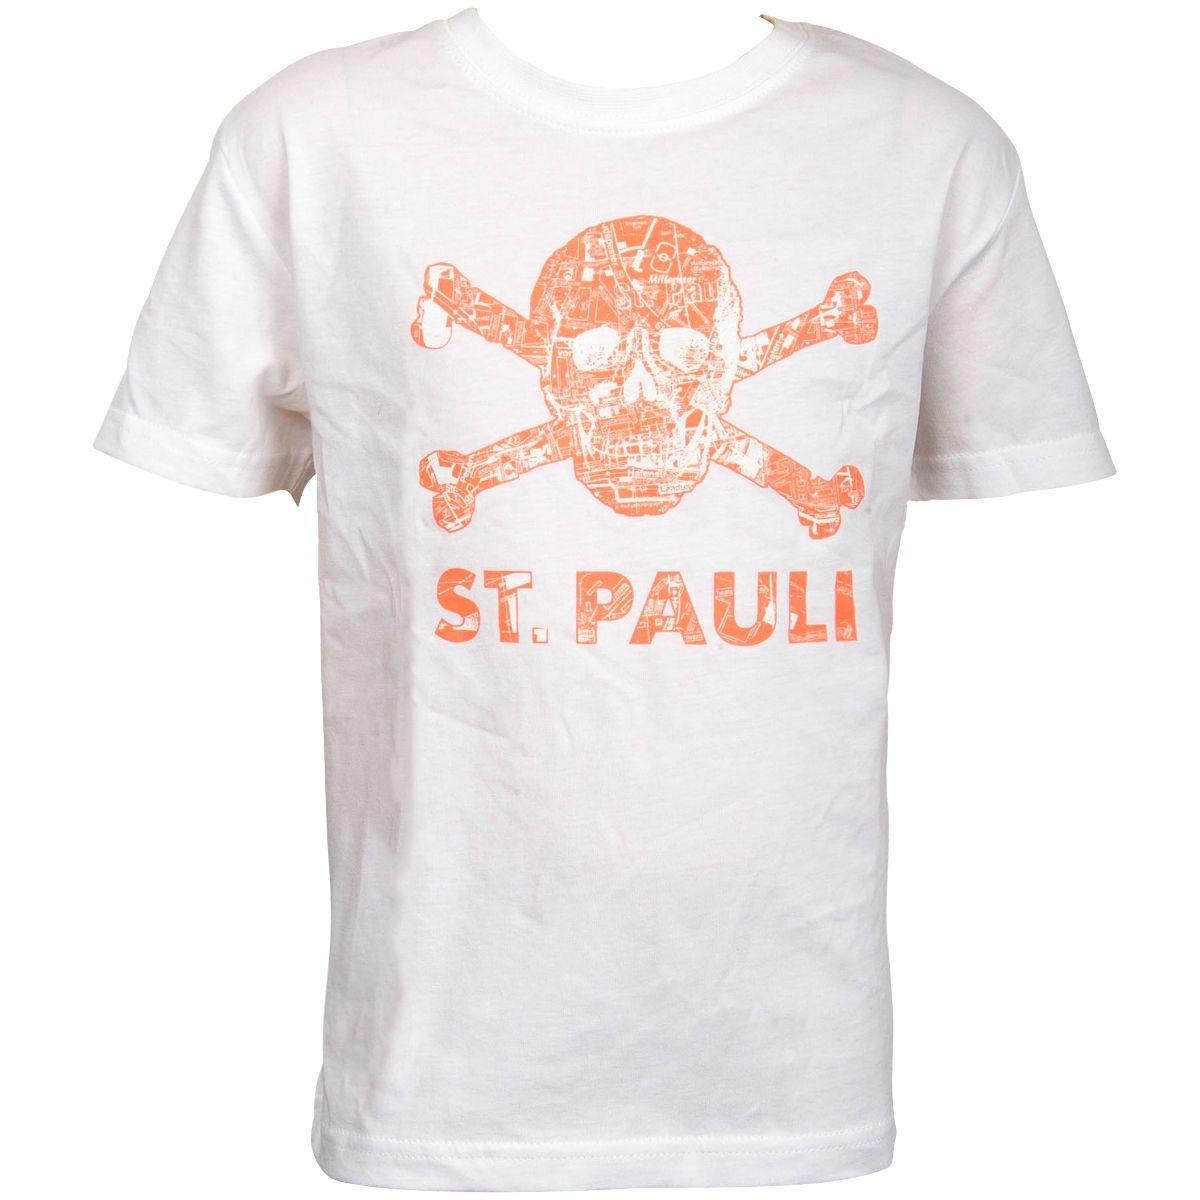 FC St. Pauli - Kinder T-Shirt Totenkopf Stadtplan Weiss-Apricot - weiß